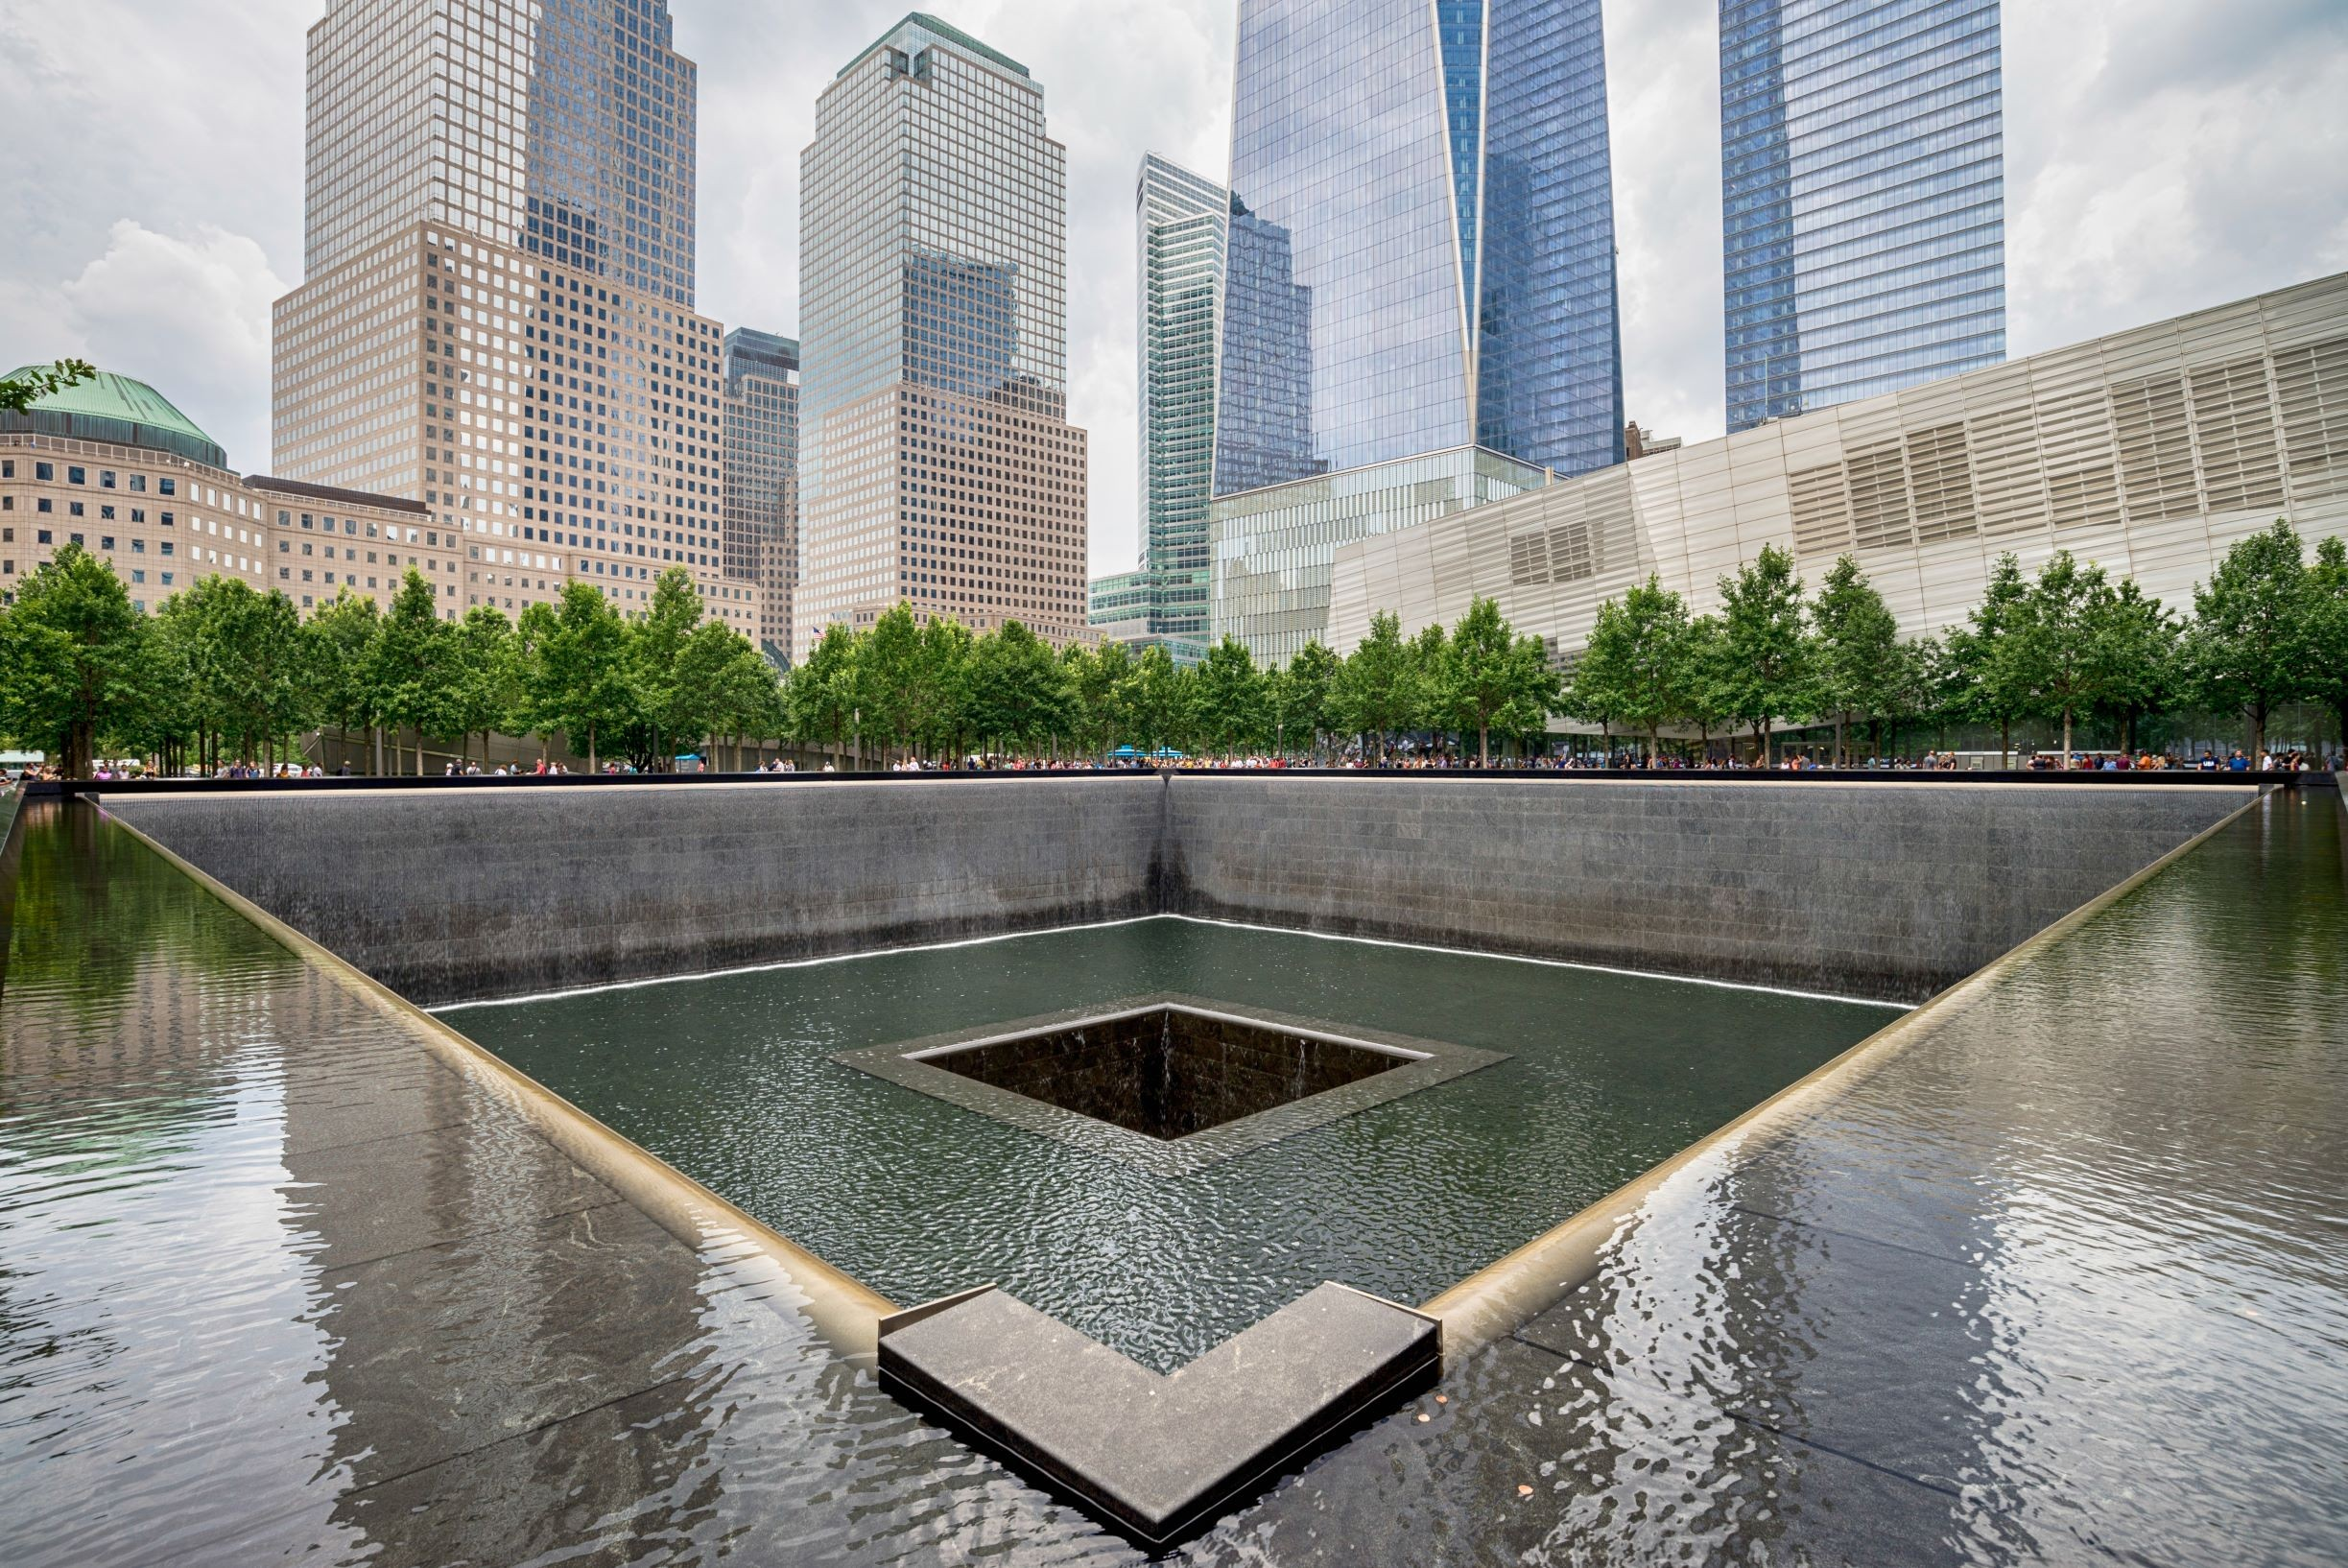 Memoriał 11 września, Nowy Jork, licencja: shutterstock/By anderm